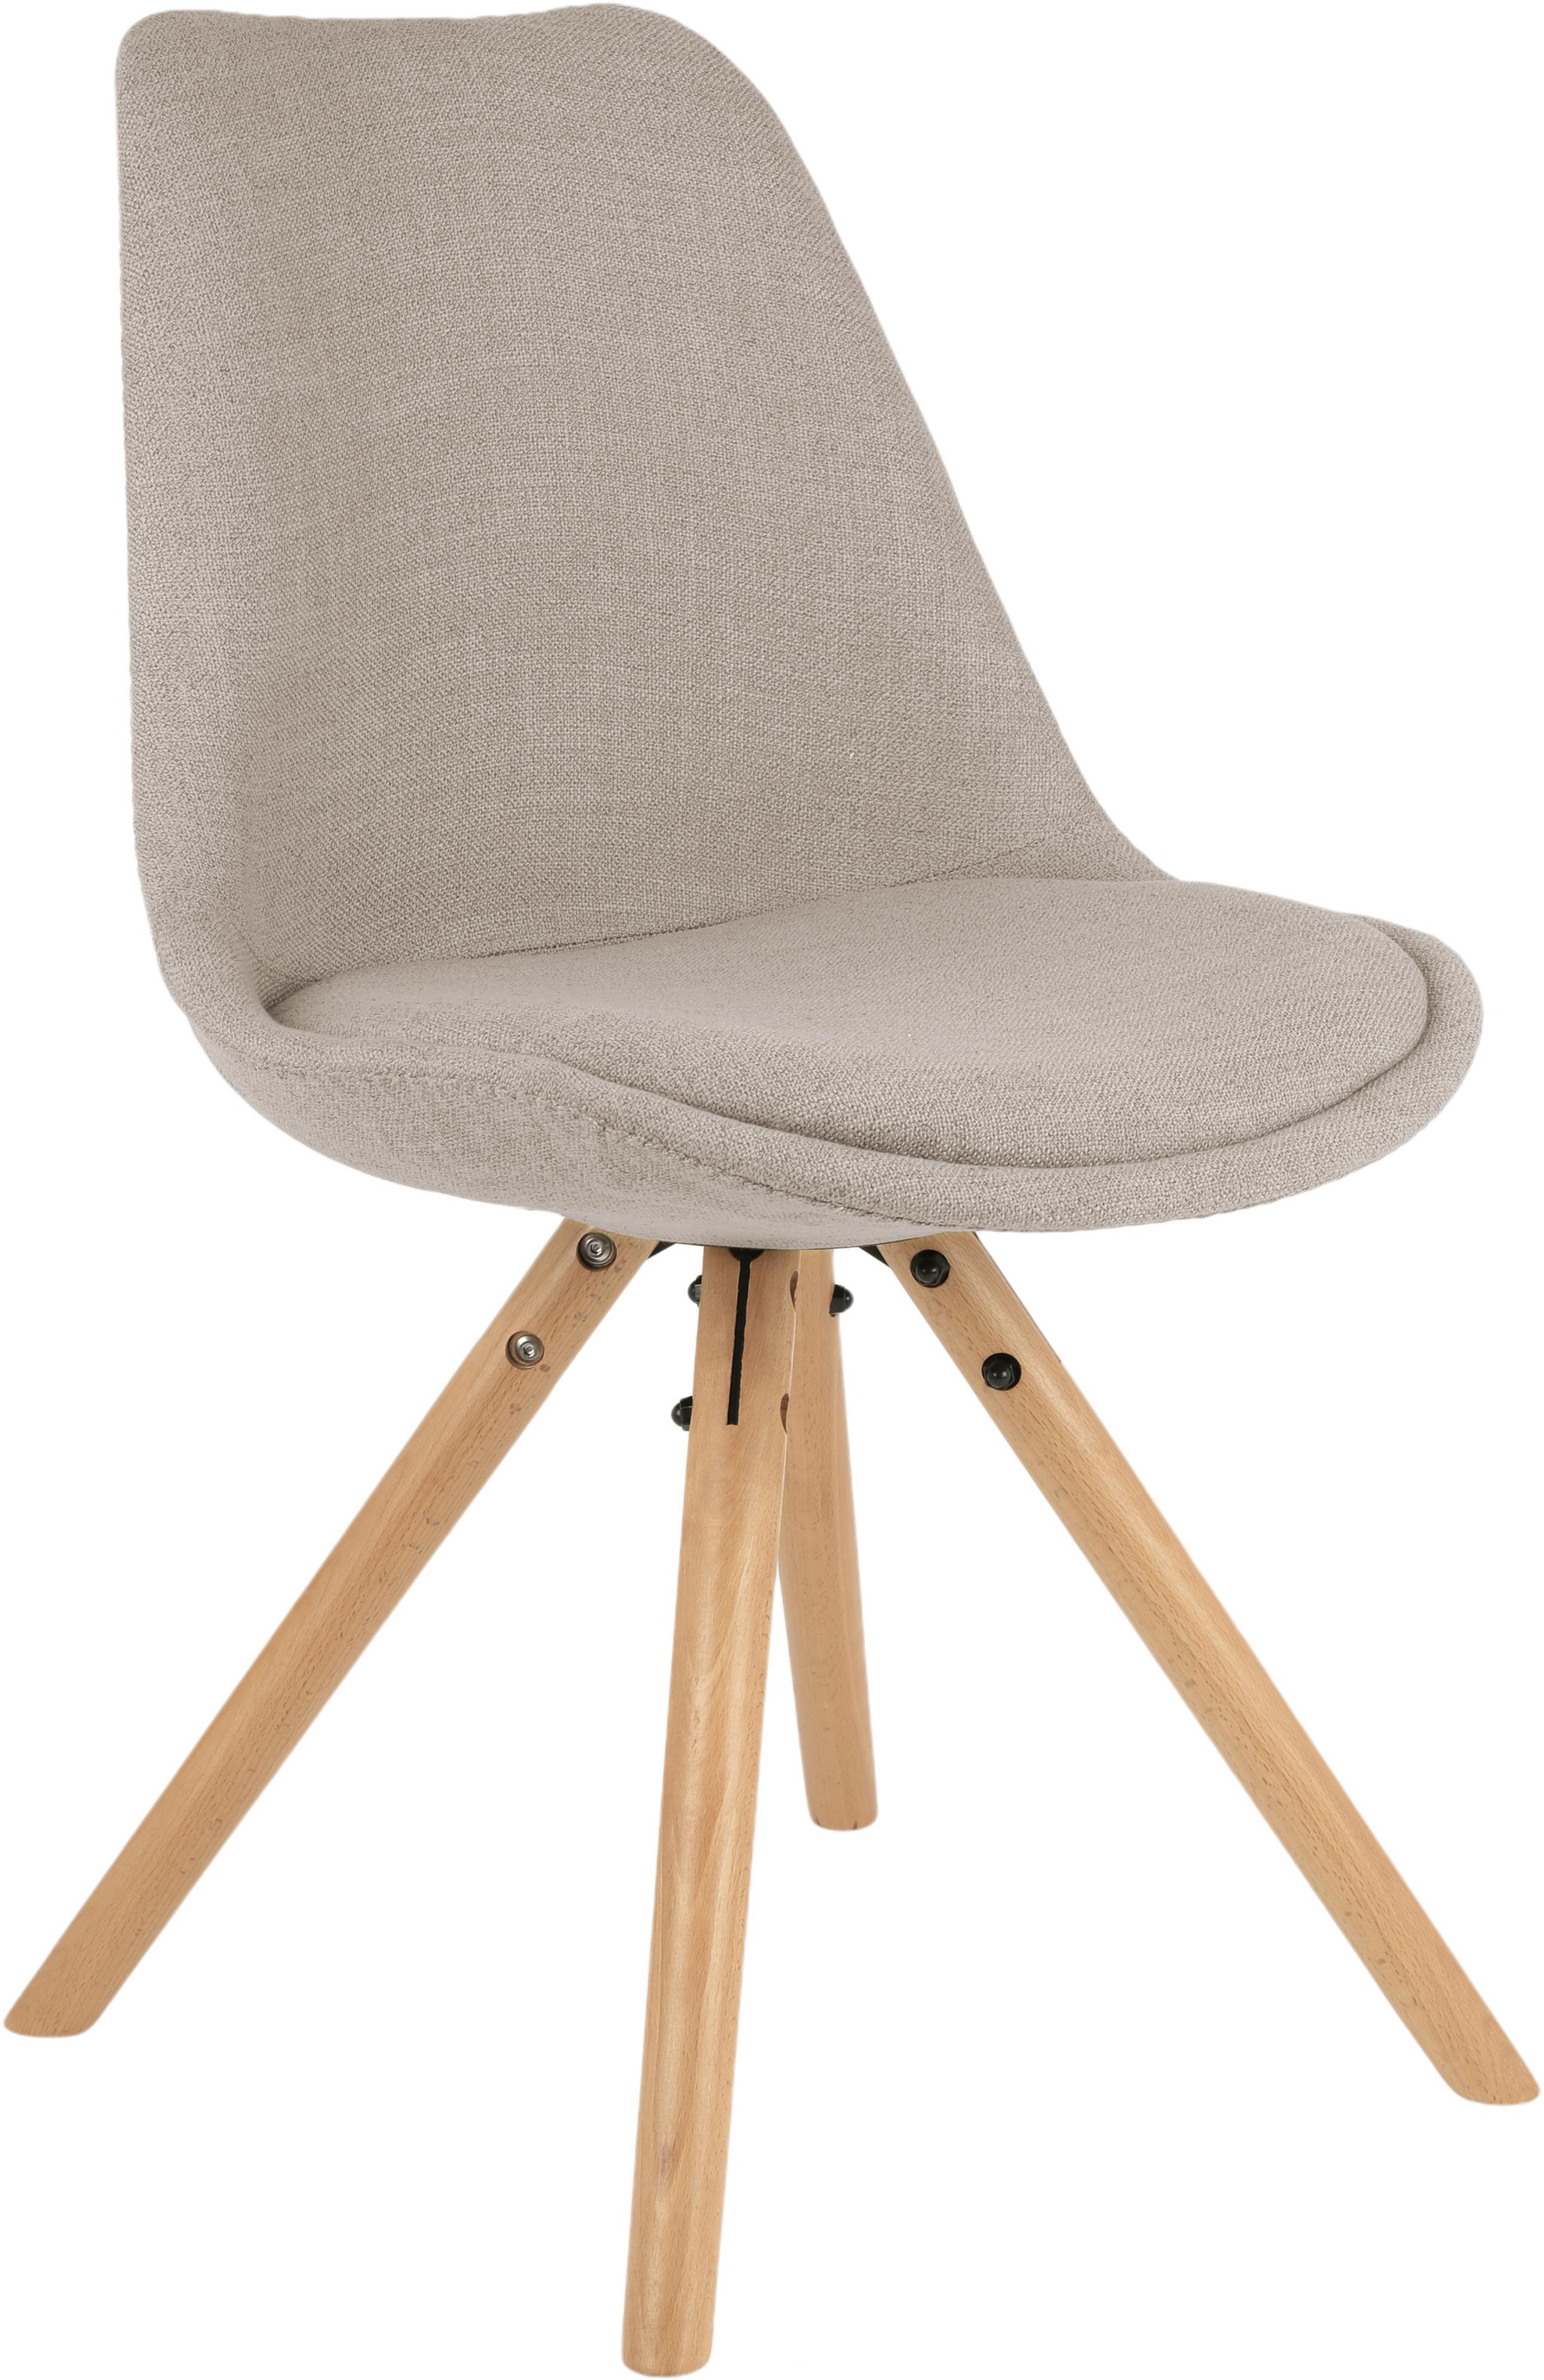 Polsterstühle Max im Skandi Design, 2 Stück, Sitzschale: Kunststoff, Bezug: Polyester 20.000 Scheuert, Beine: Buchenholz, Webstoff Beige, B 46 x T 54 cm